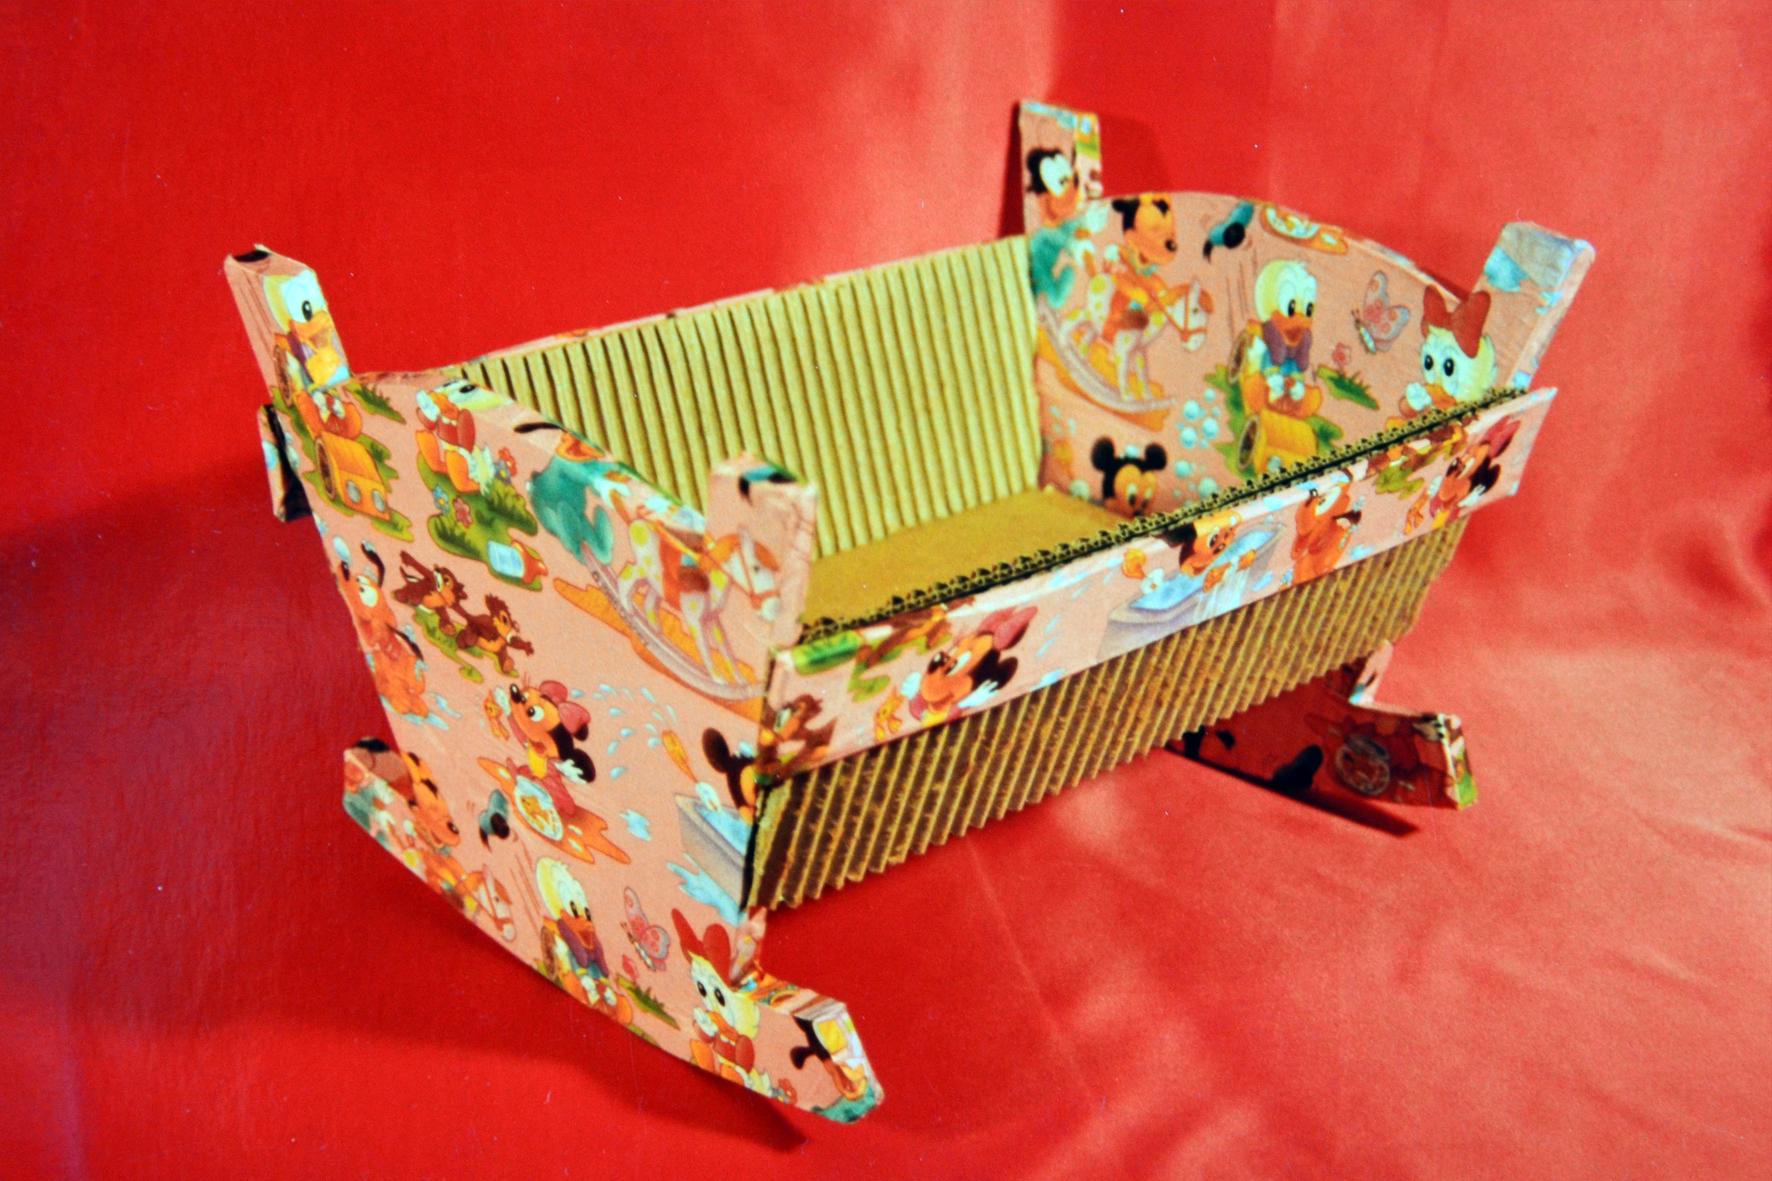 Plantilla o patrones para hacer flores de cartón reciclado - Recicla ...